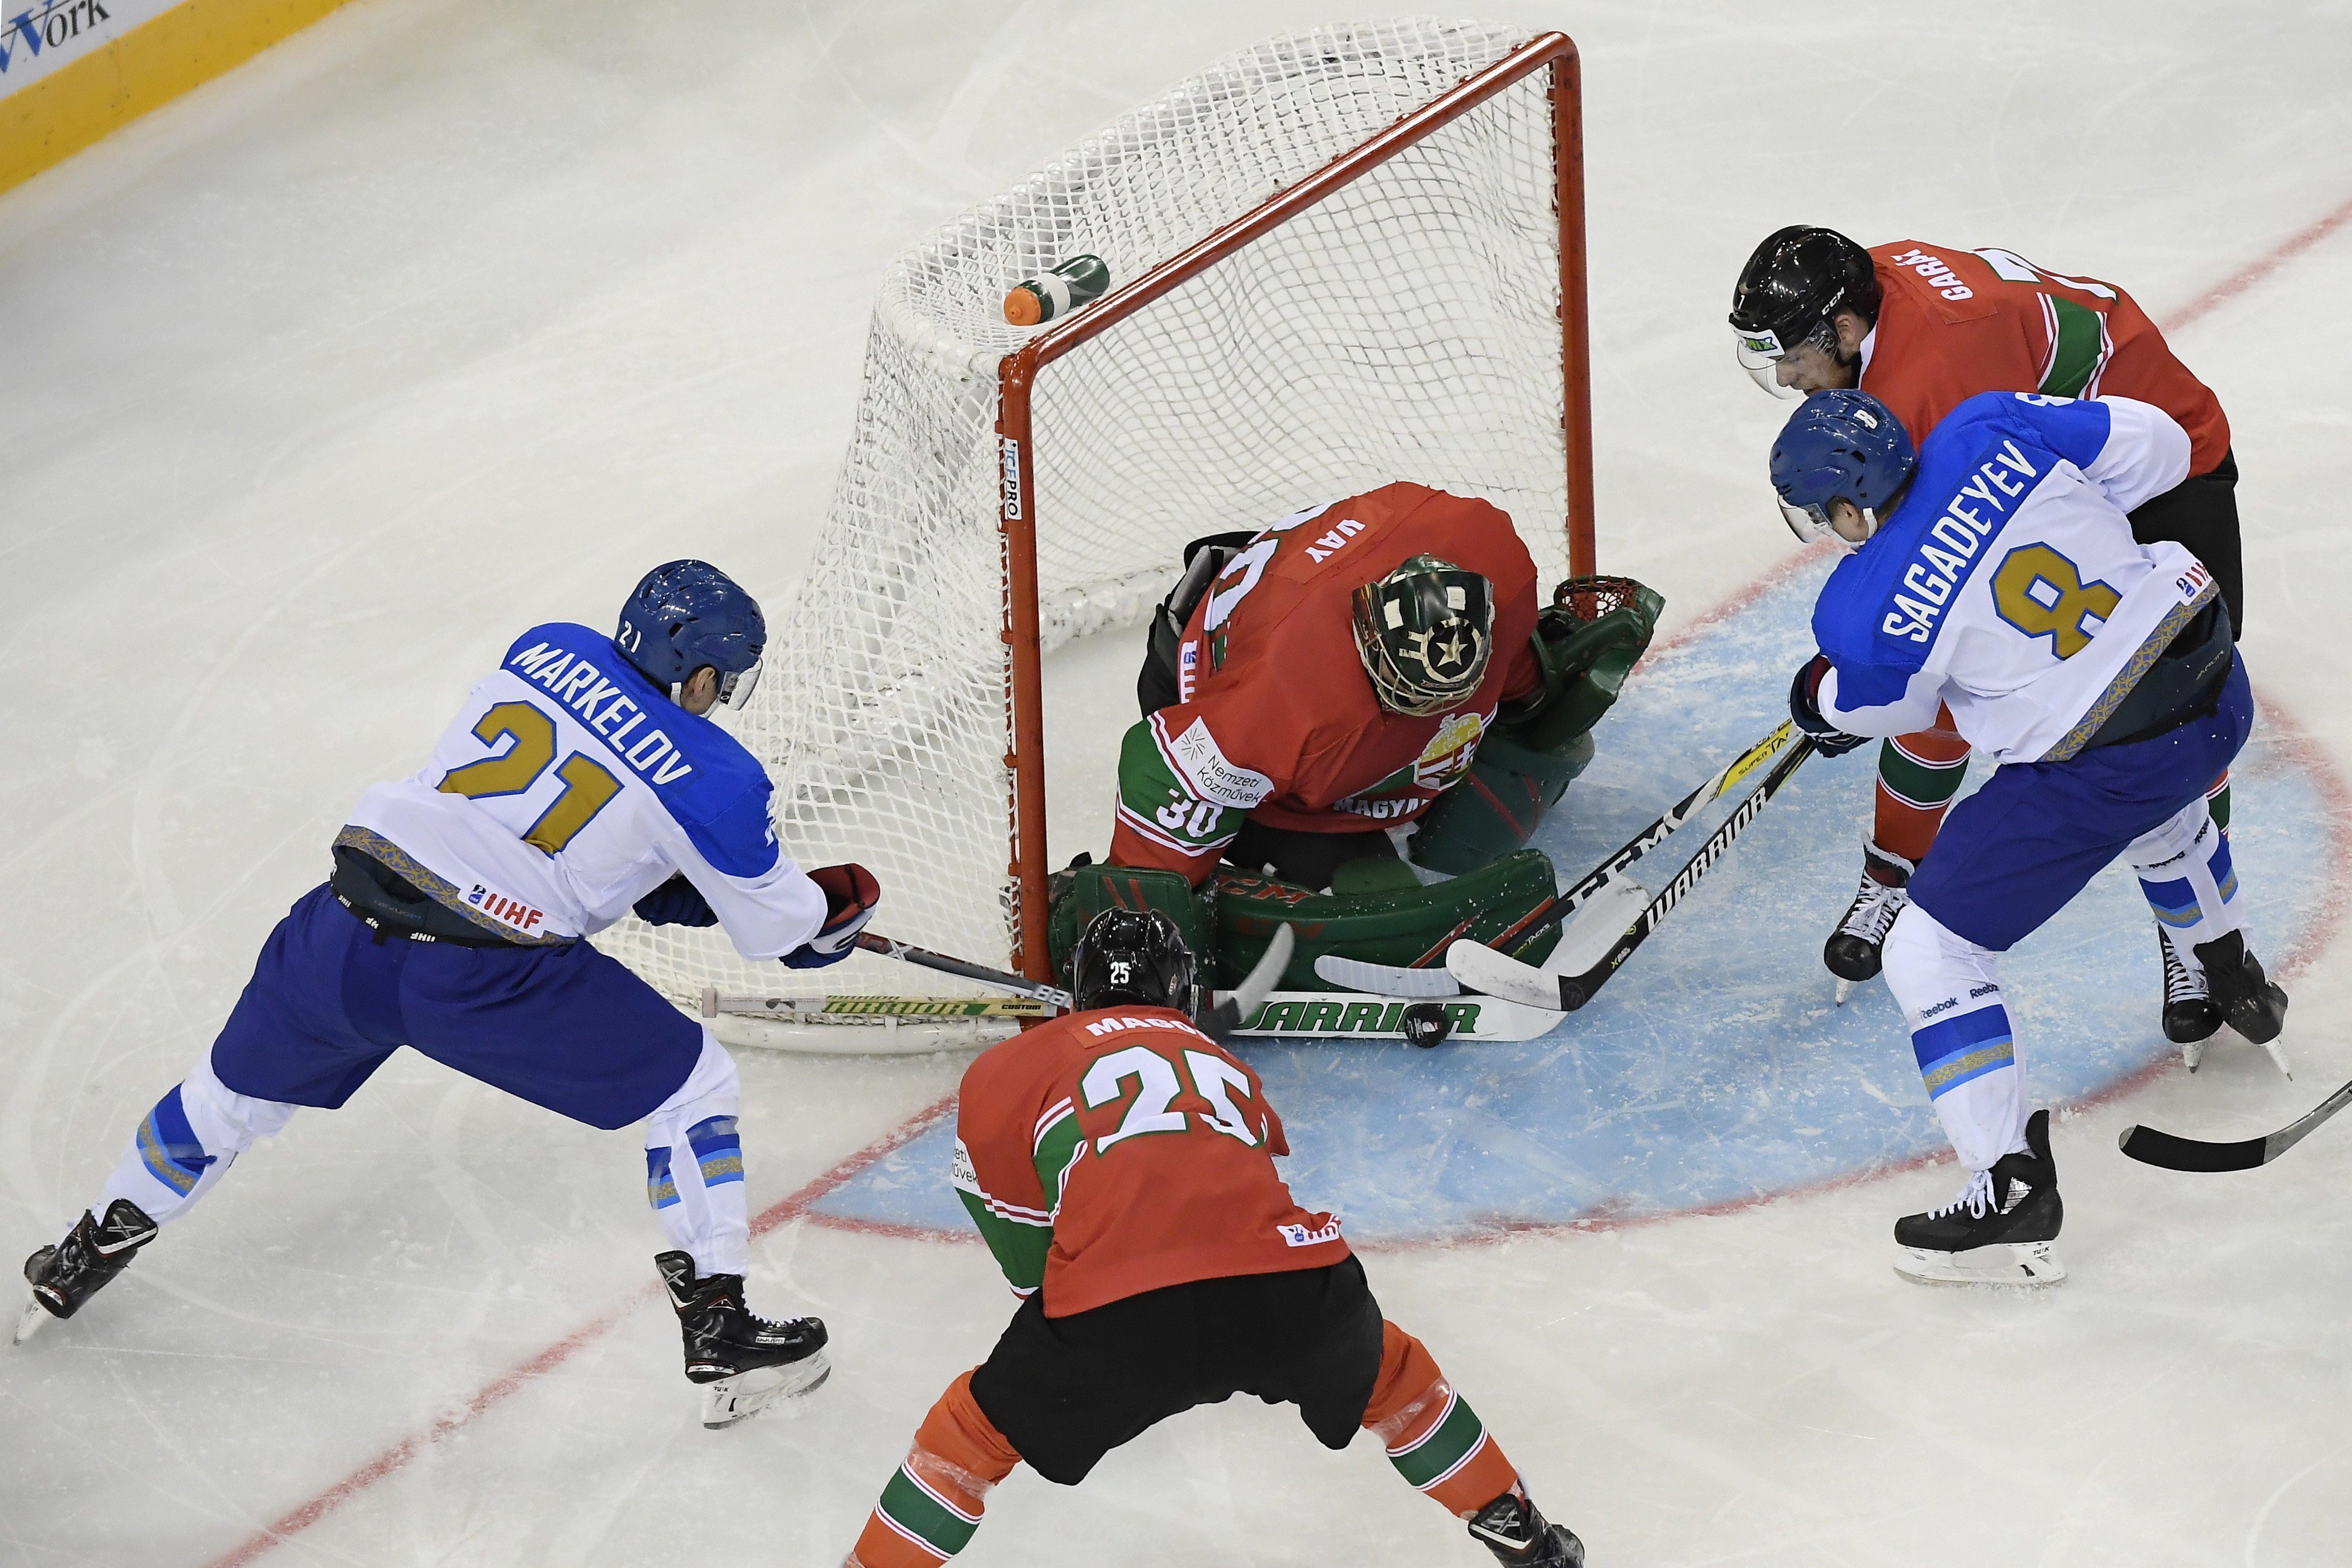 Kazahsztán 3-0-ra legyőzte Magyarországot a budapesti jégkorong-vb-n